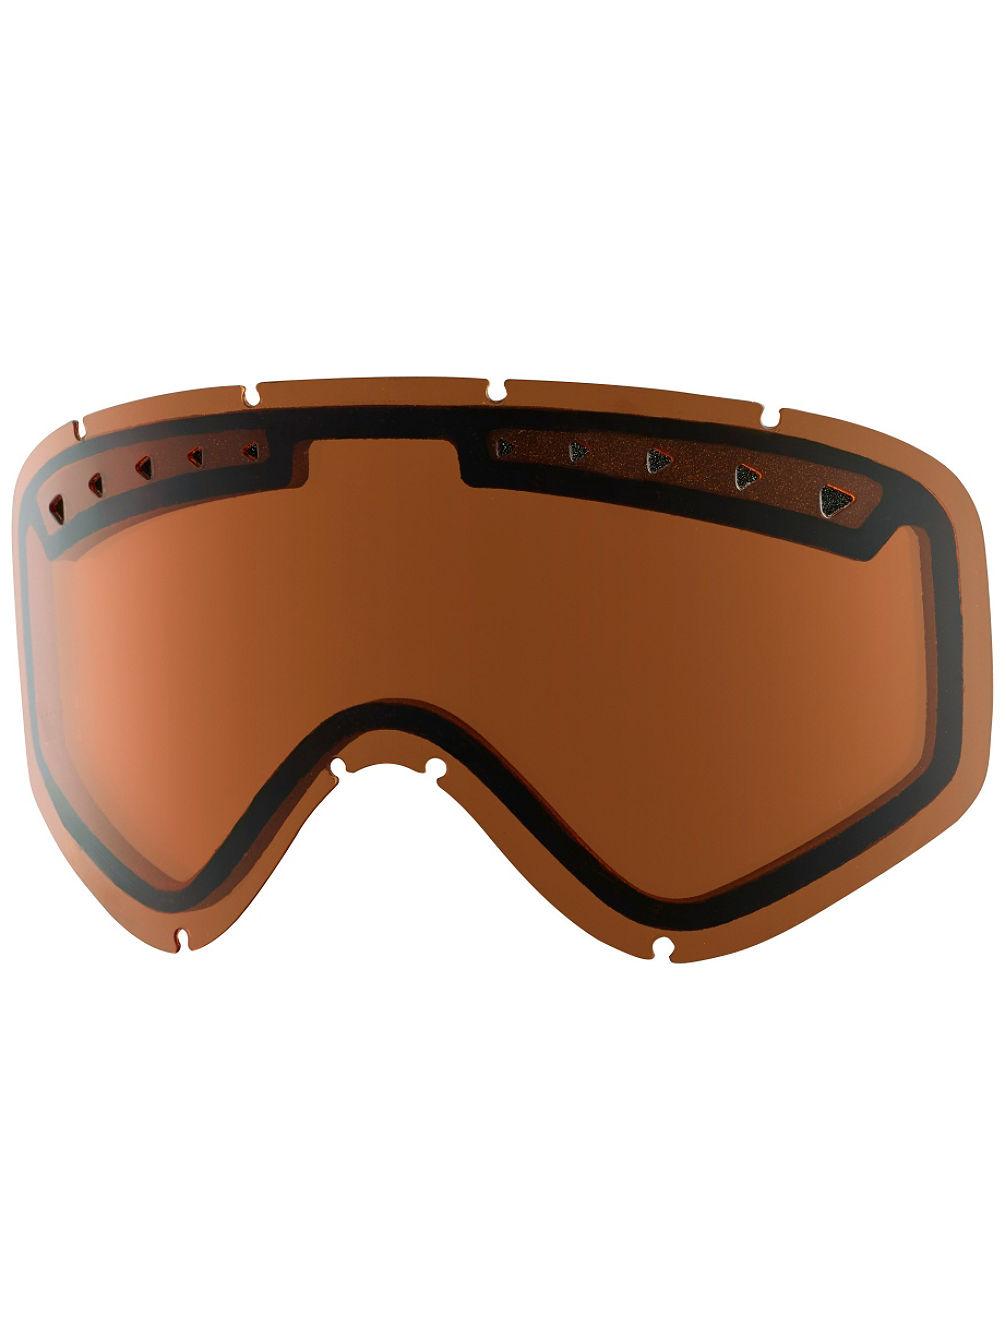 tracker-lens-amber-boys